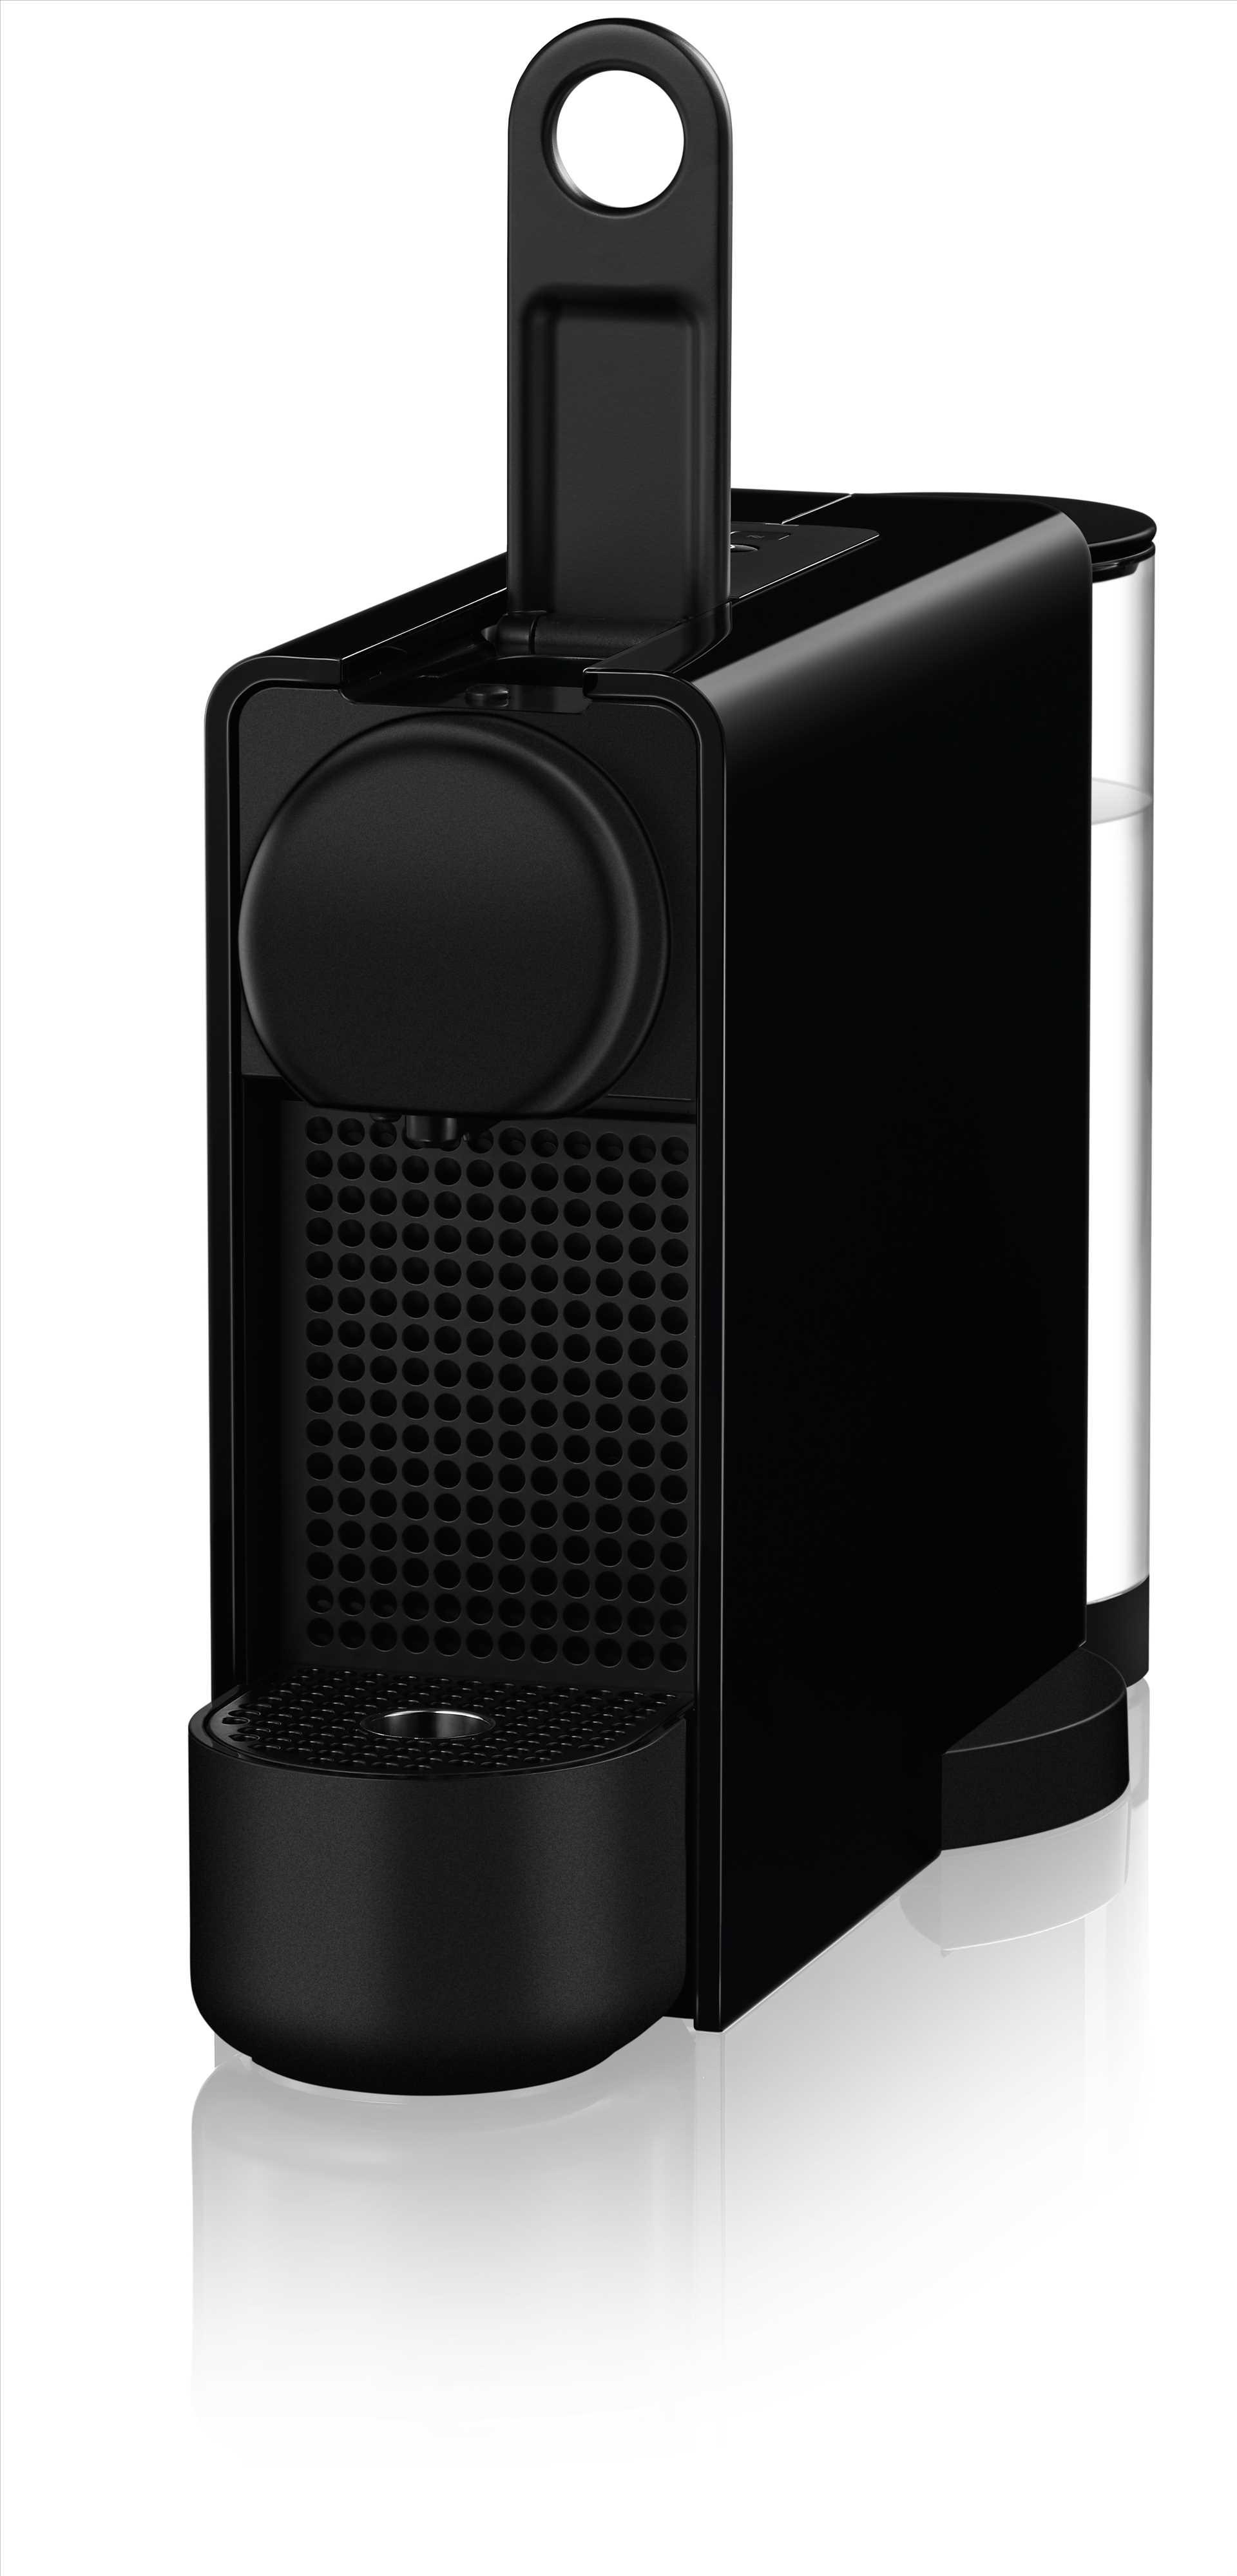 מכונת קפה NESPRESSO Essenza Plus C45 - צבע שחור - תמונה 5